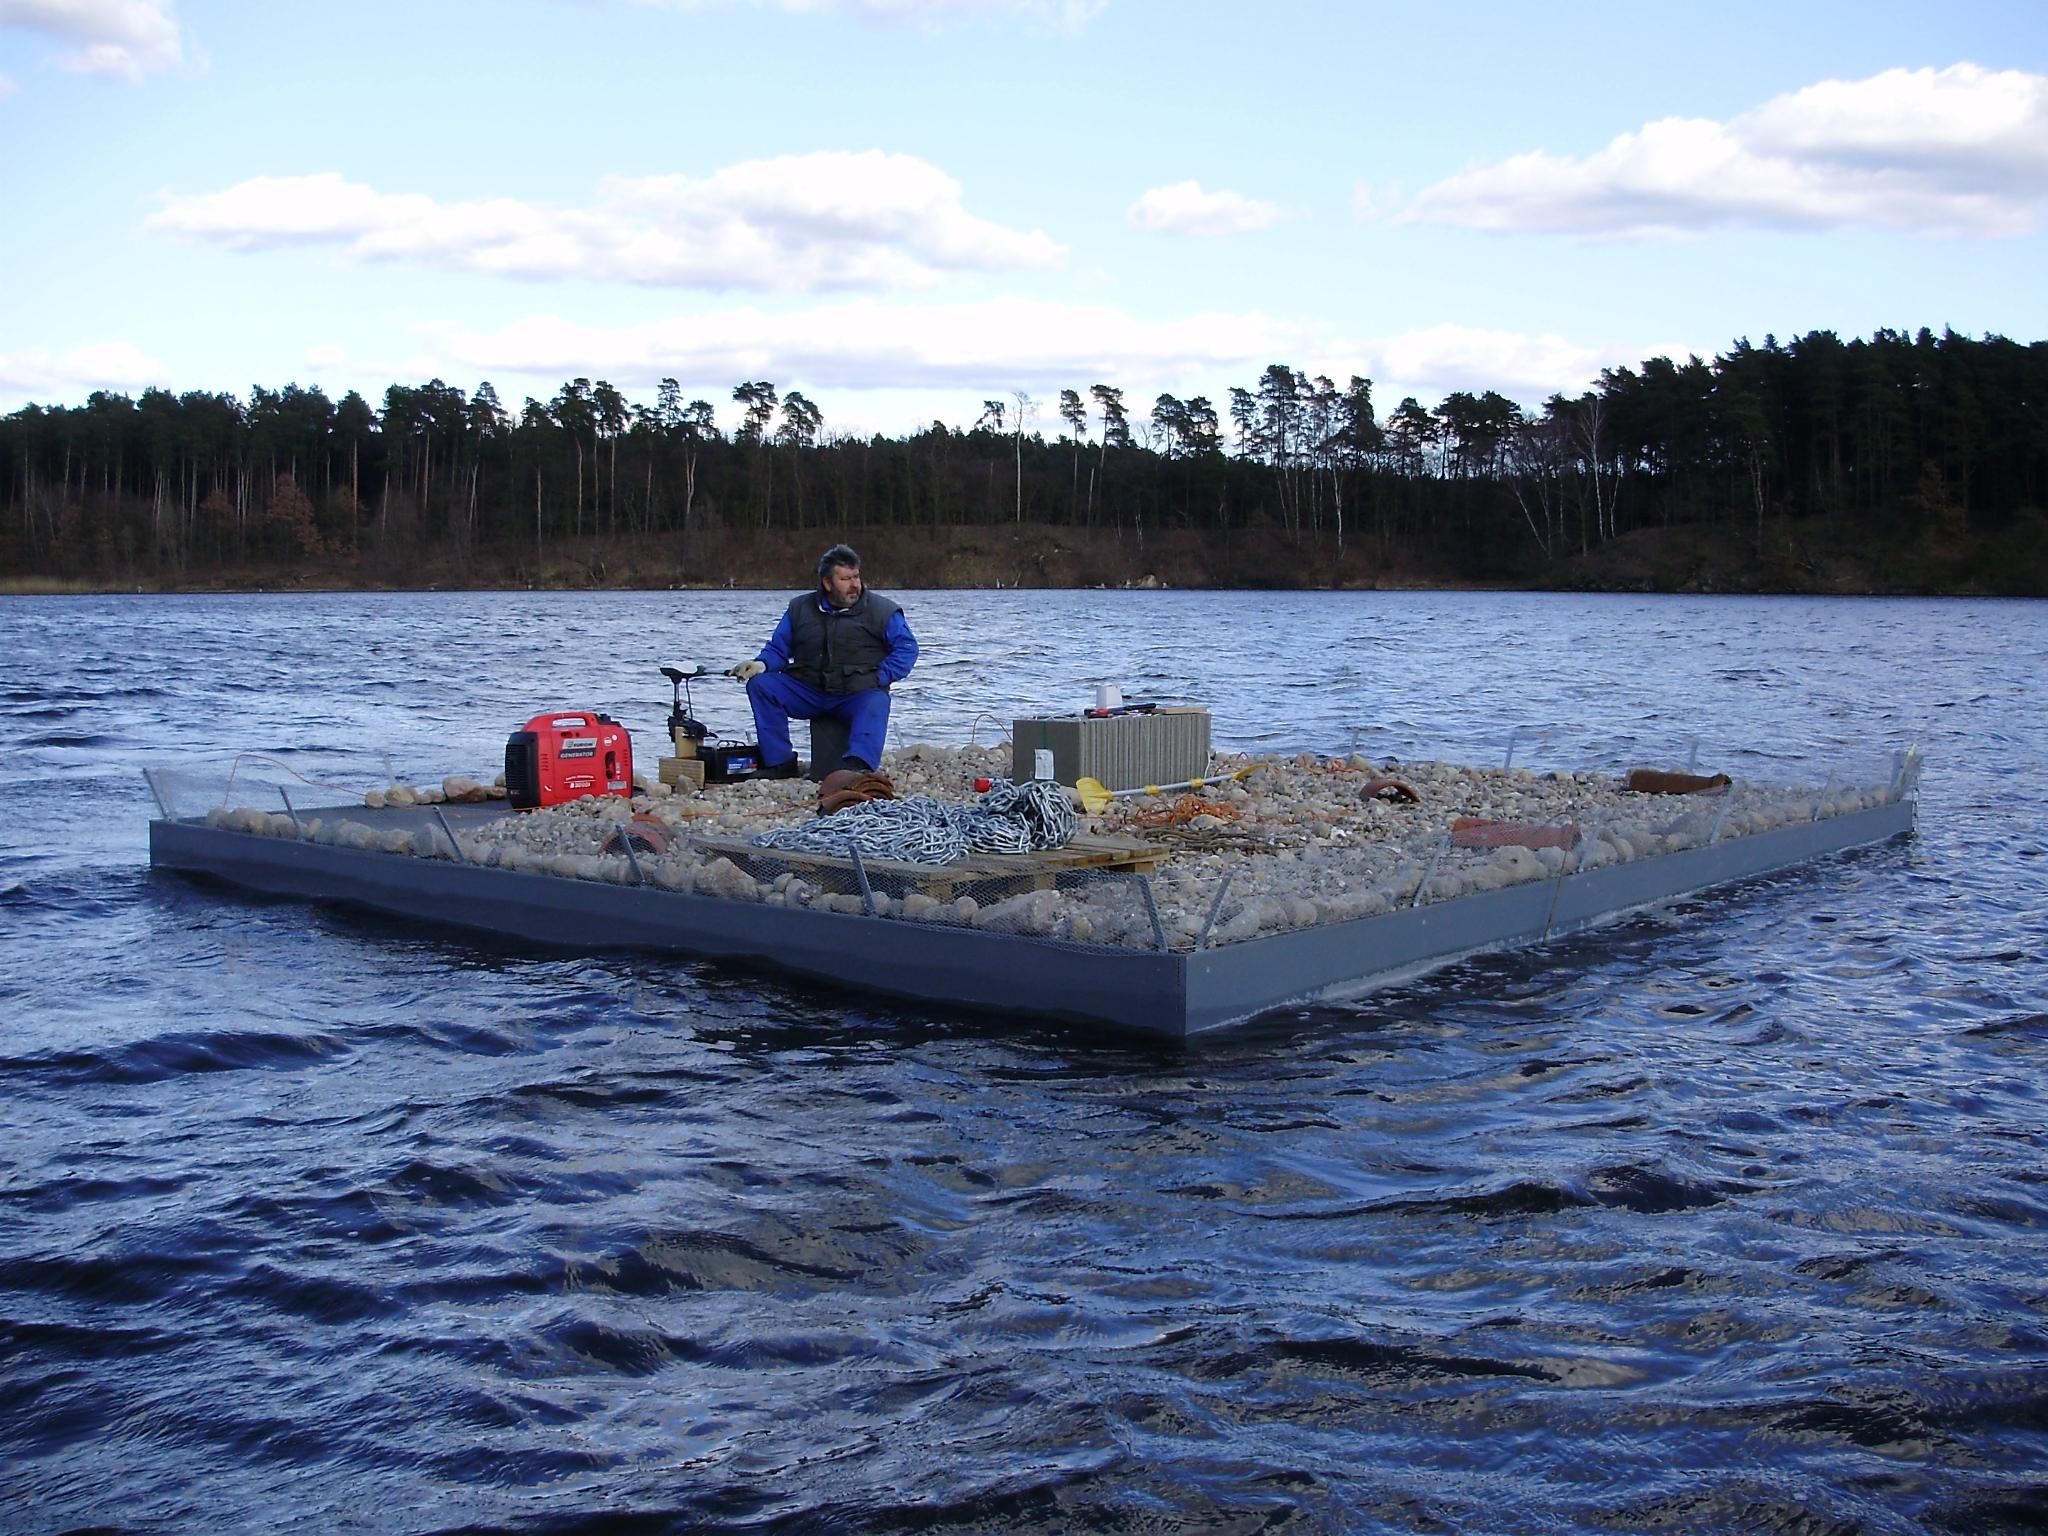 Eine Vogelschutzinsel die von einem Mann über das Wasser gefahren wird